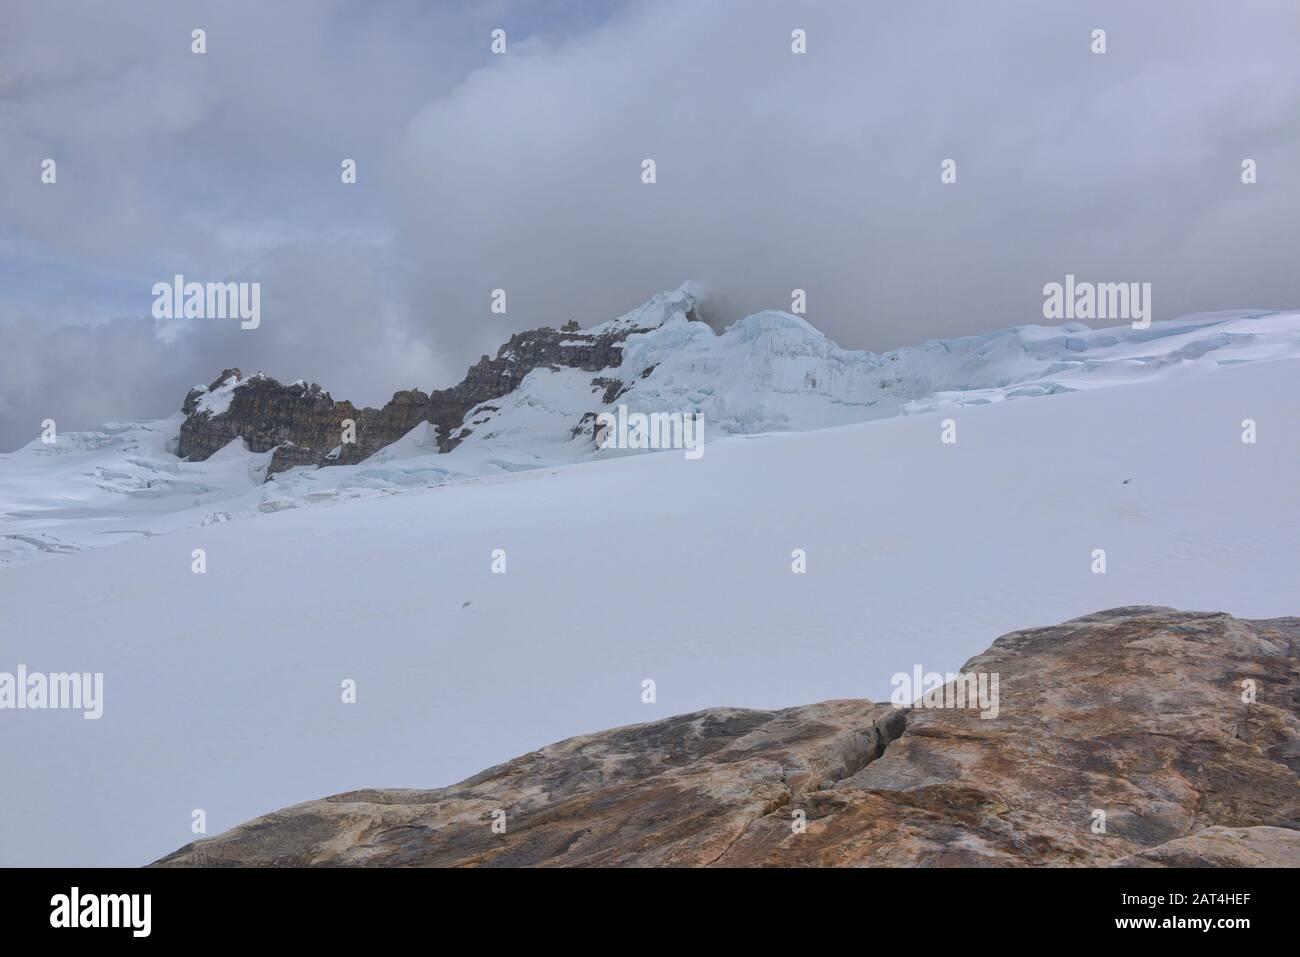 Vista Del Glaciar Ritacuba Y Ritacuba Negra, Parque Nacional El Cocuy, Boyacá, Colombia Foto de stock